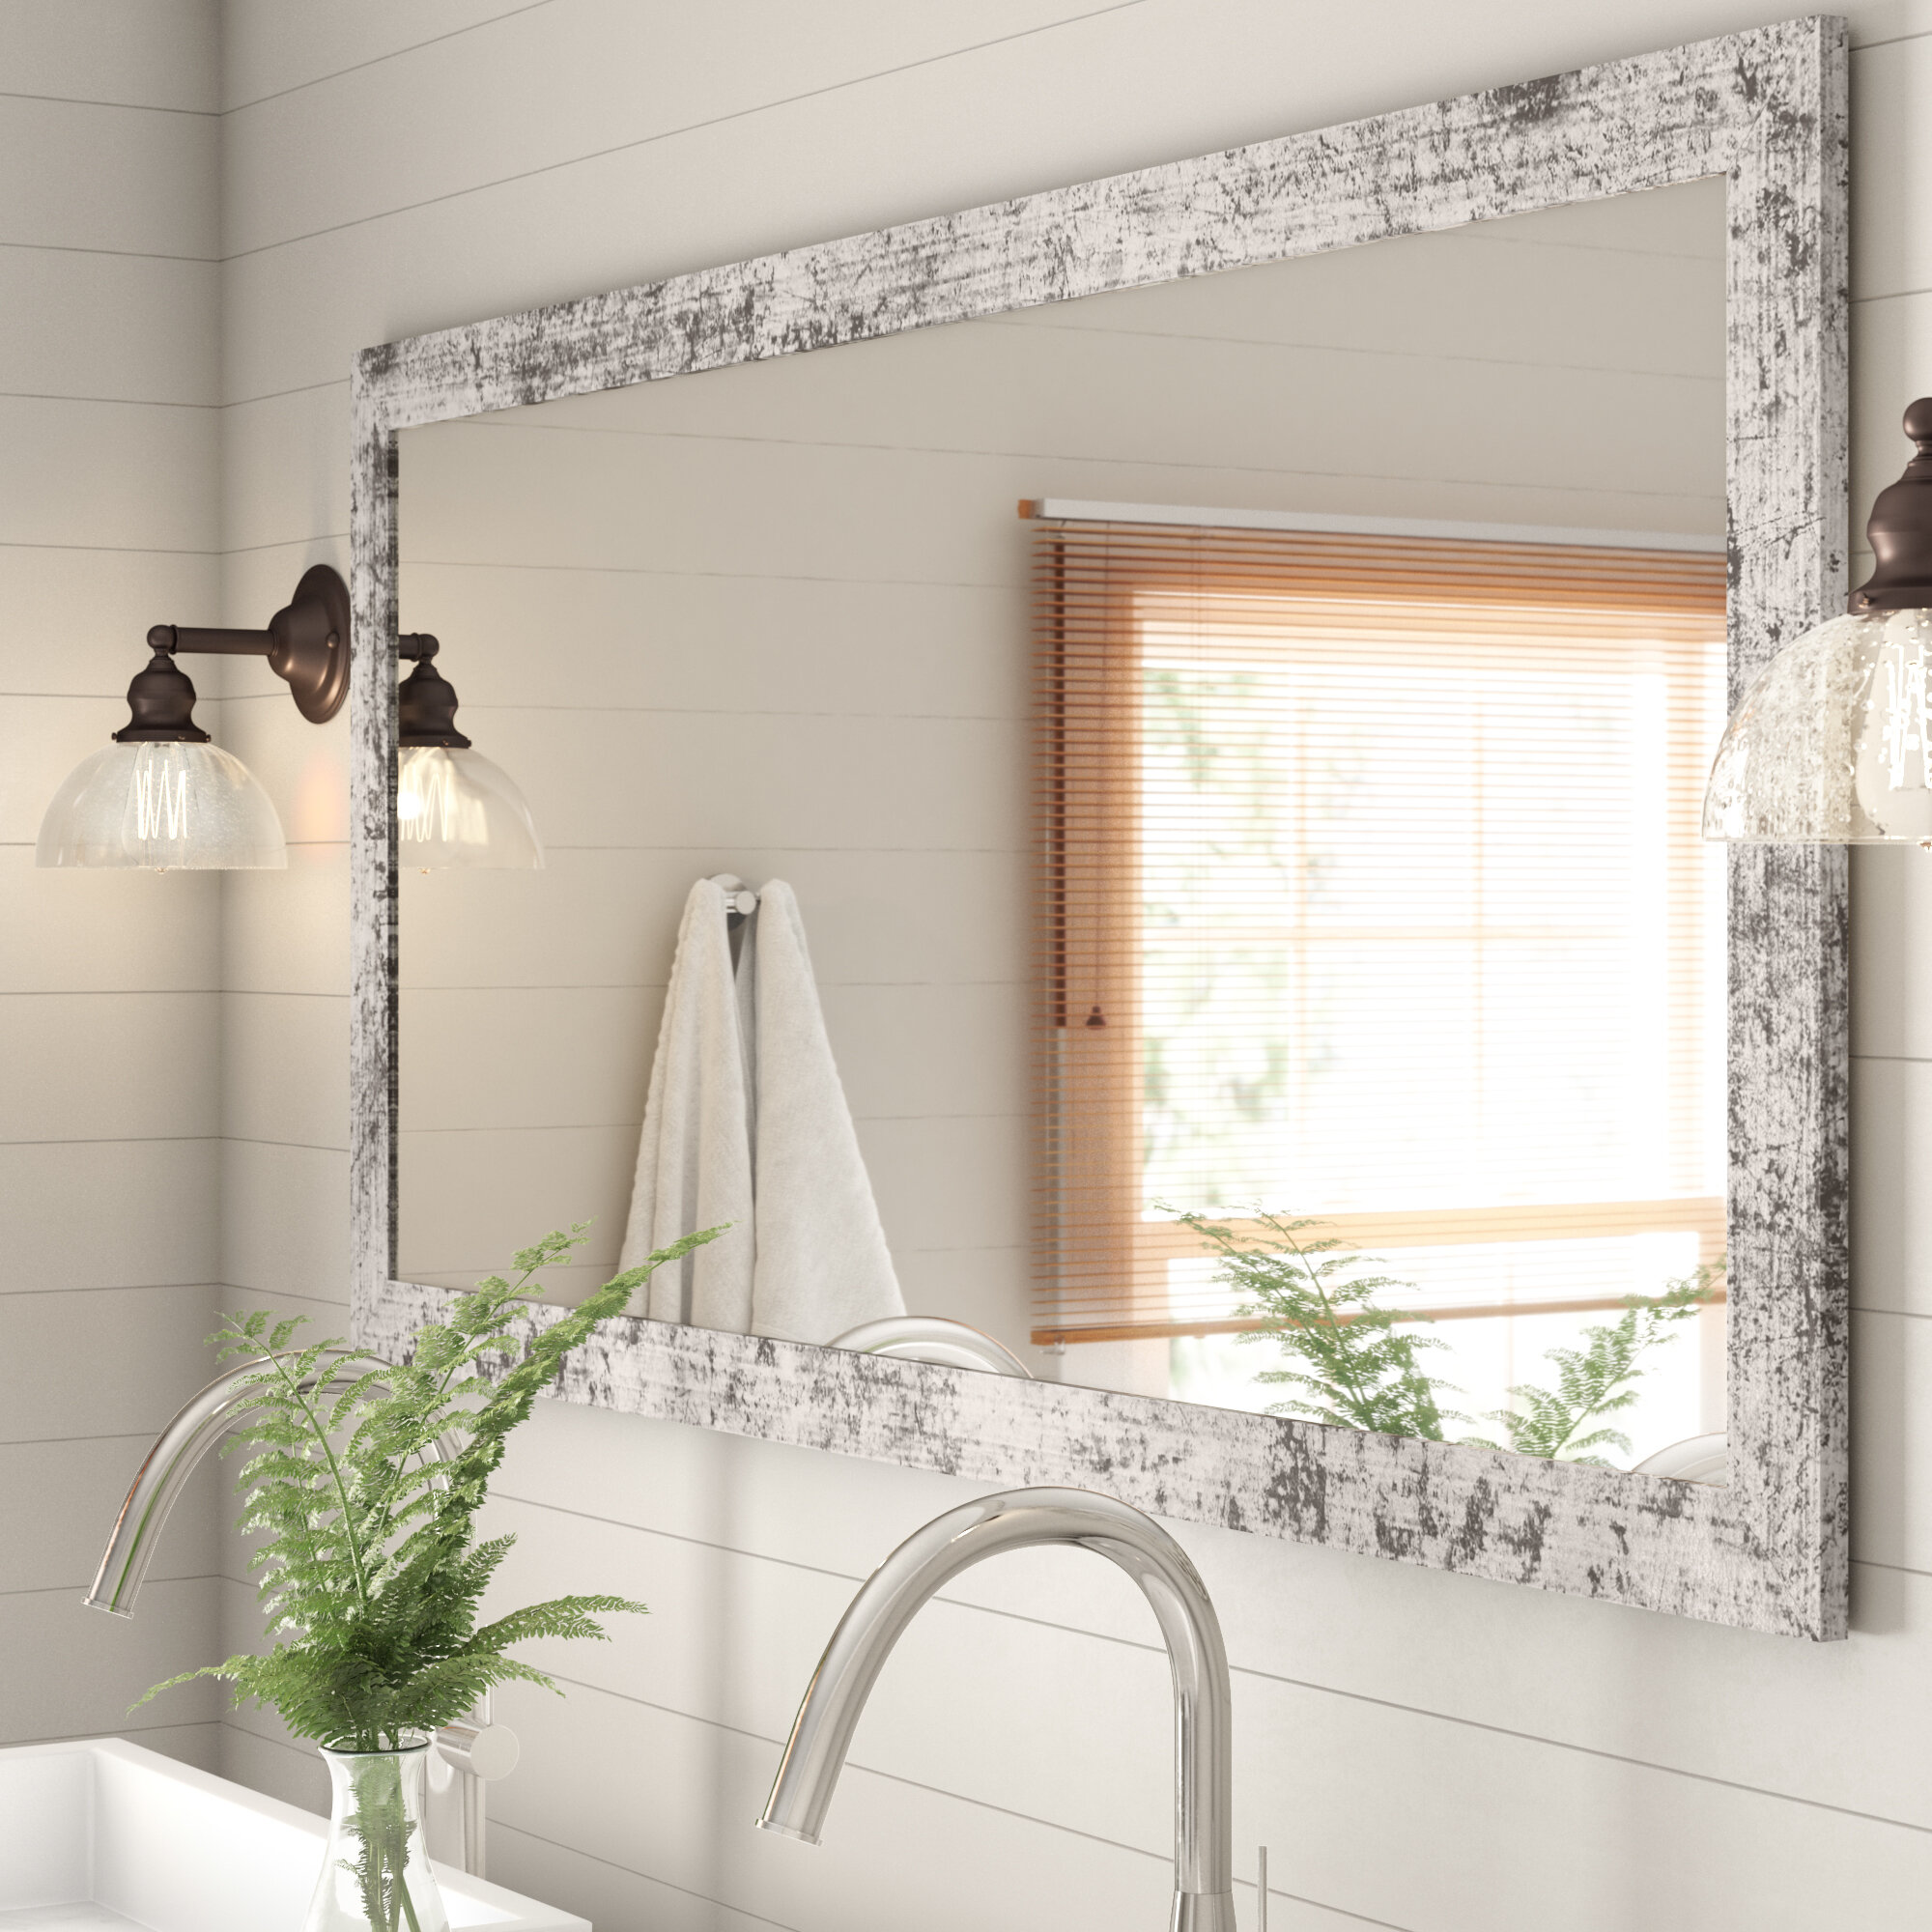 Gracie Oaks Pevensey Rustic Bathroom Vanity Mirror Reviews Wayfair